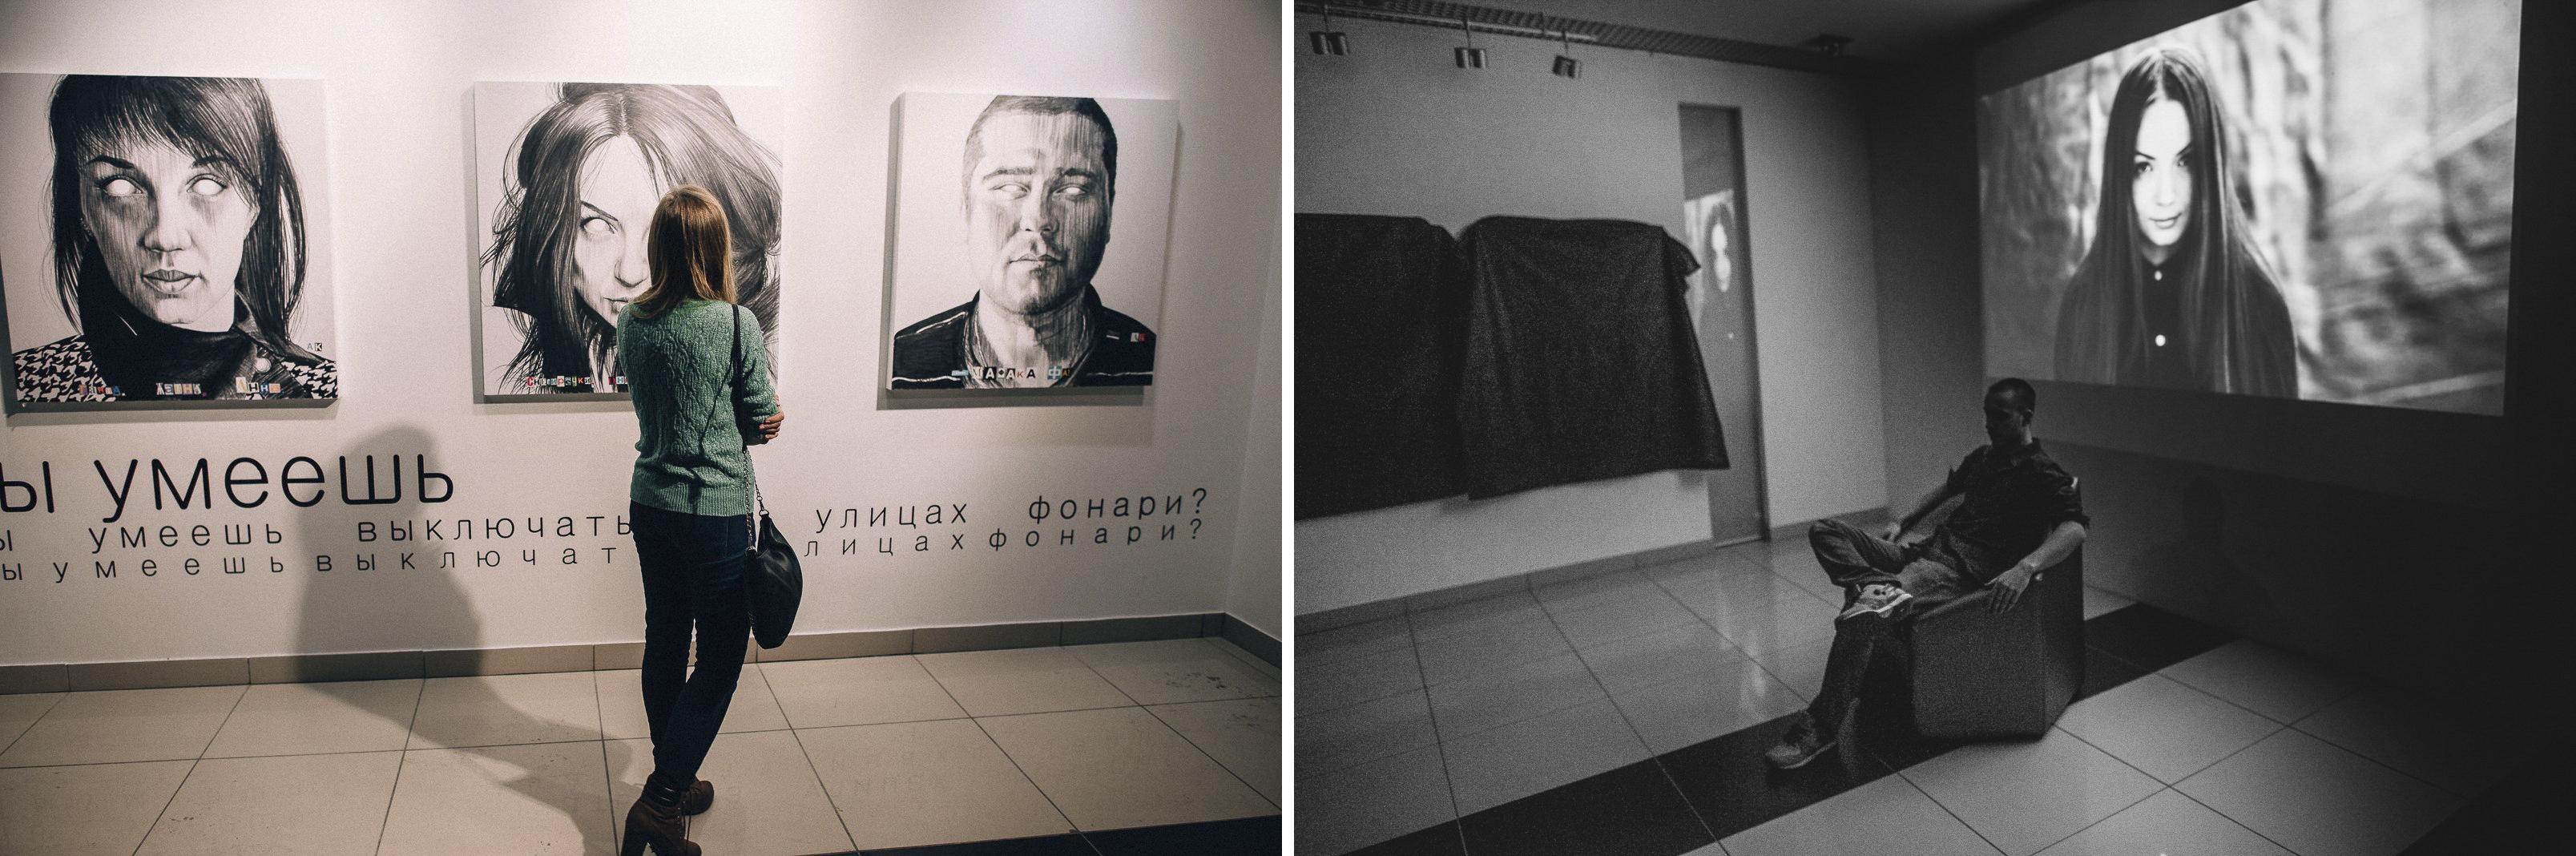 """Александр Куркин """"С глазу на глаз"""". 2015. Фото: Марина Широких"""